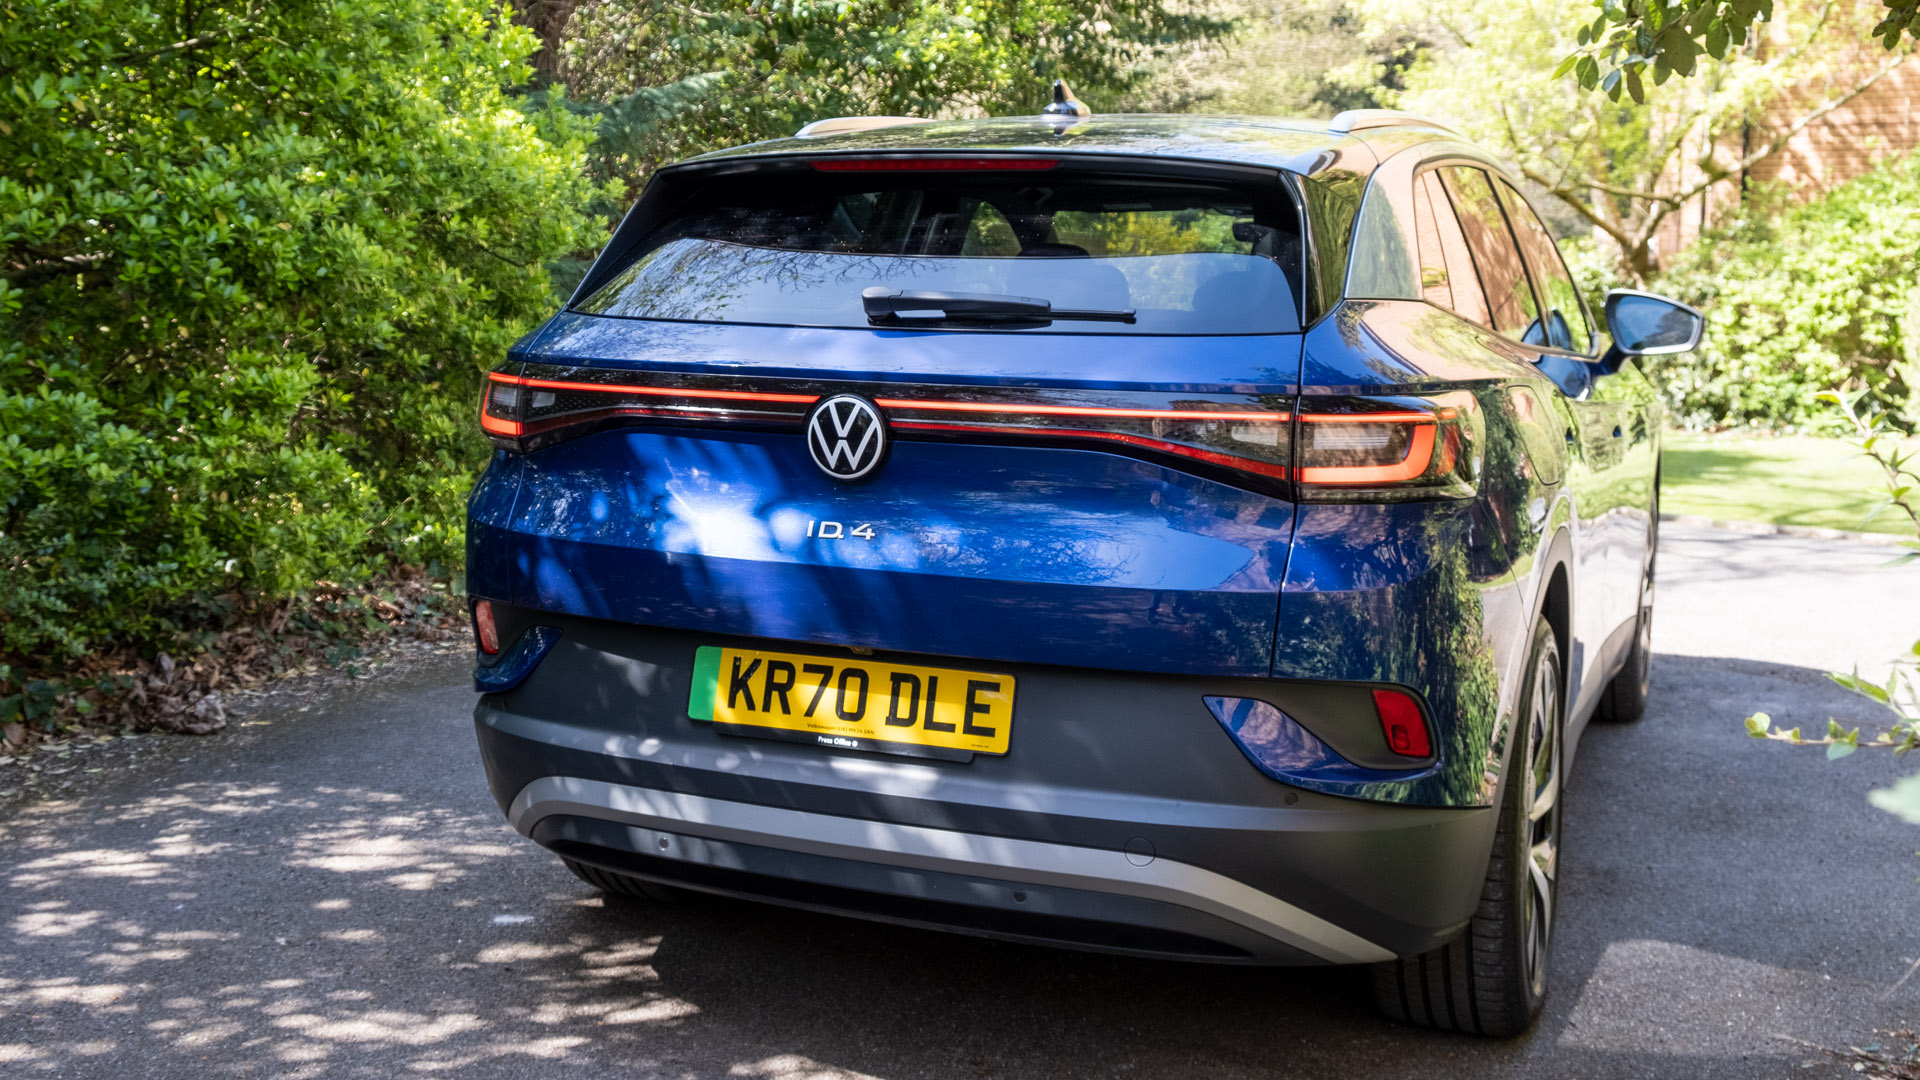 Volkswagen ID.4 rear design